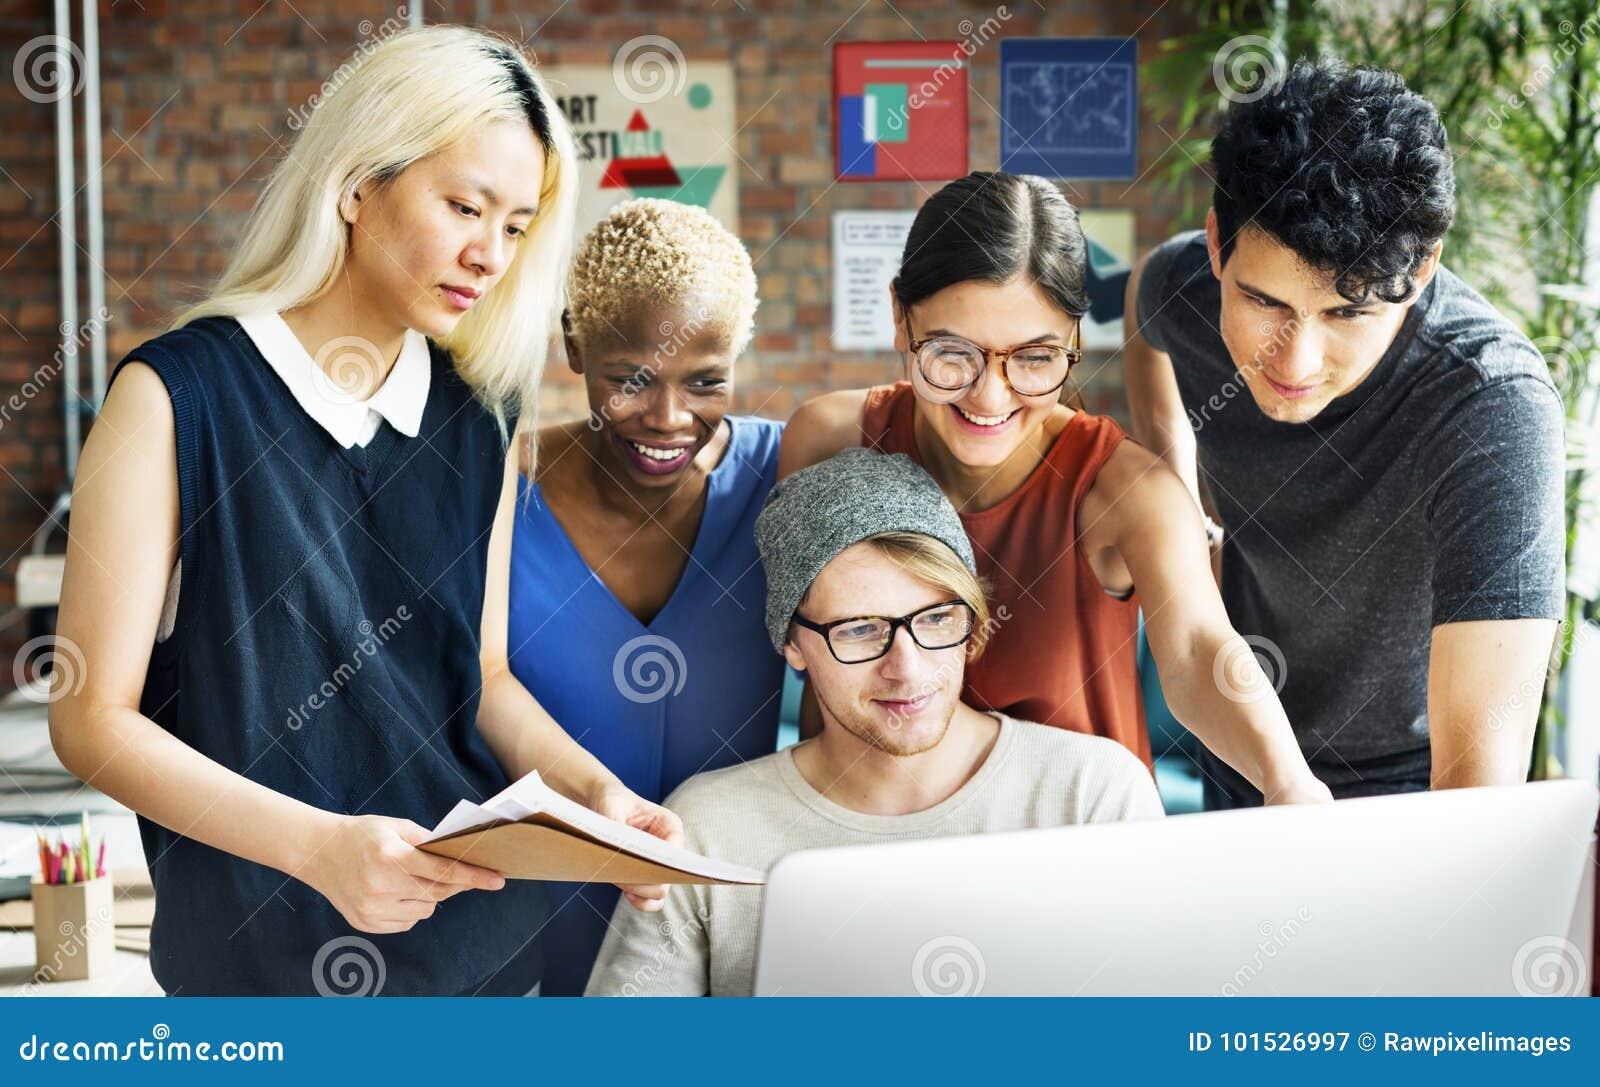 Έννοια εργασιακών χώρων εργασίας  brainstorming  αφρικανικής καταγωγής